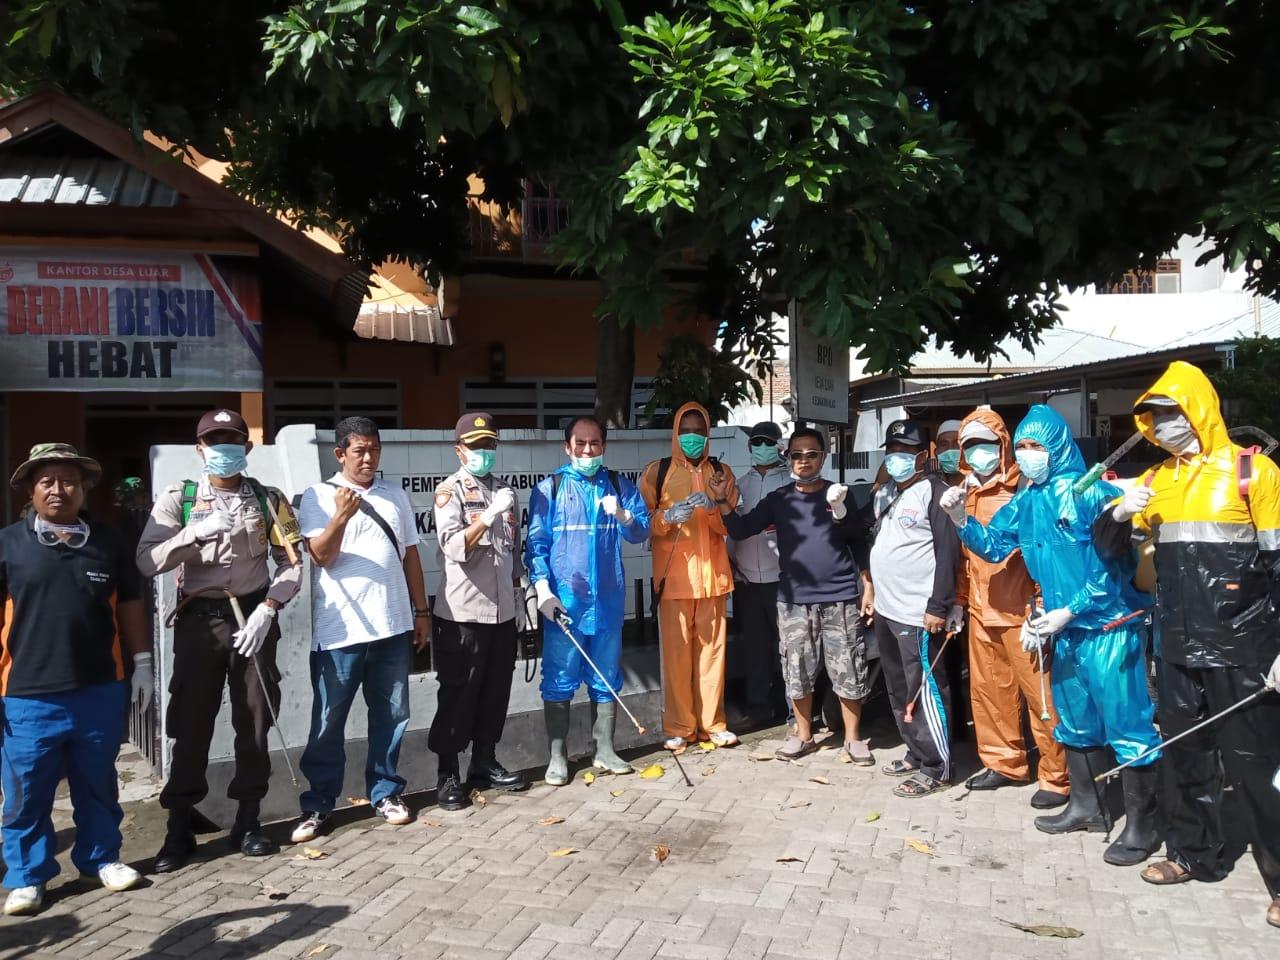 WhatsApp Image 2020 03 28 at 14.58.55 Kabar Sumbawa